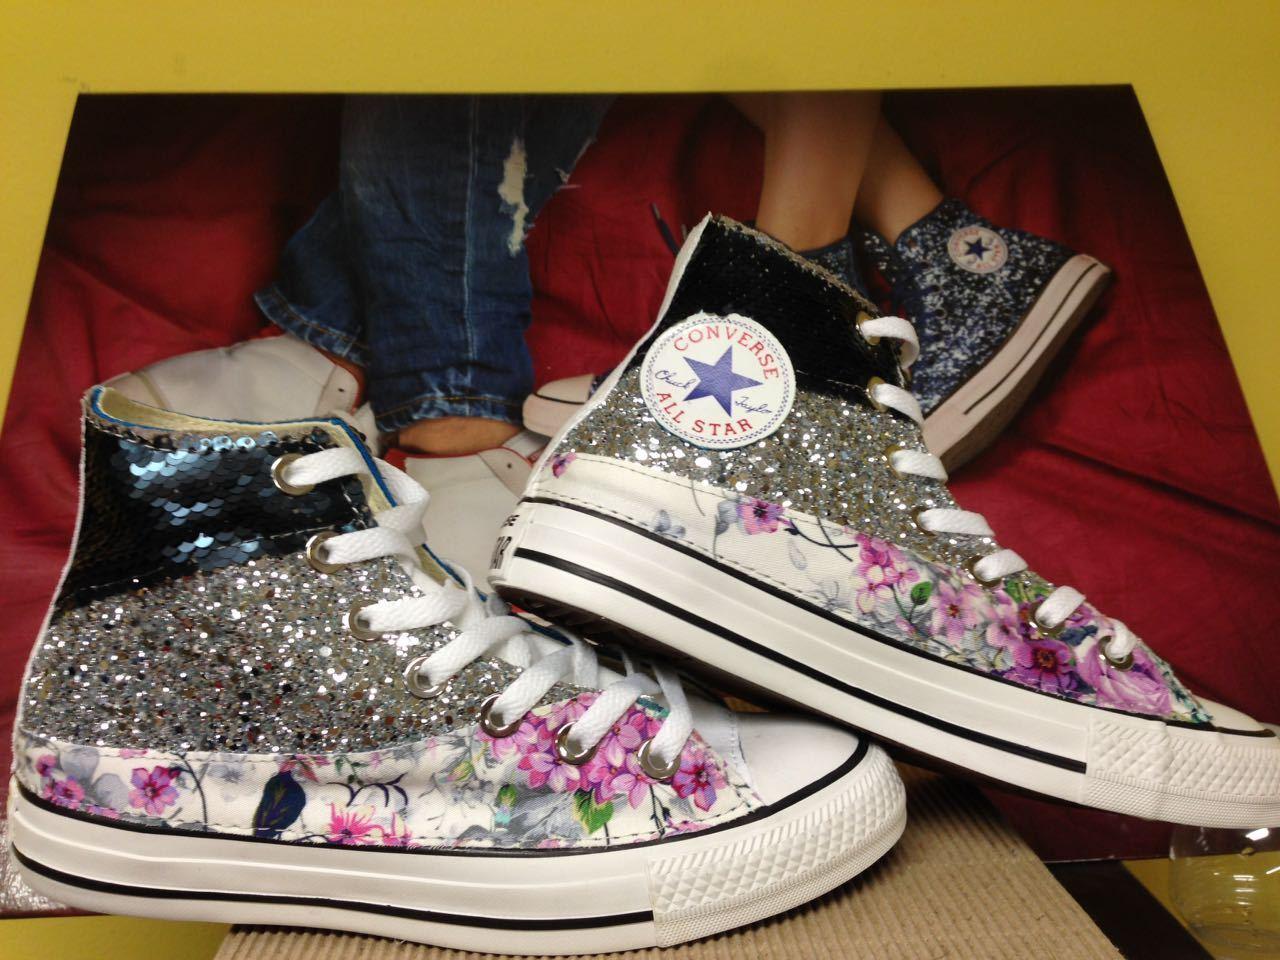 Converse all star star star  con paiette,glitter silver e fiorato 9a4dbe